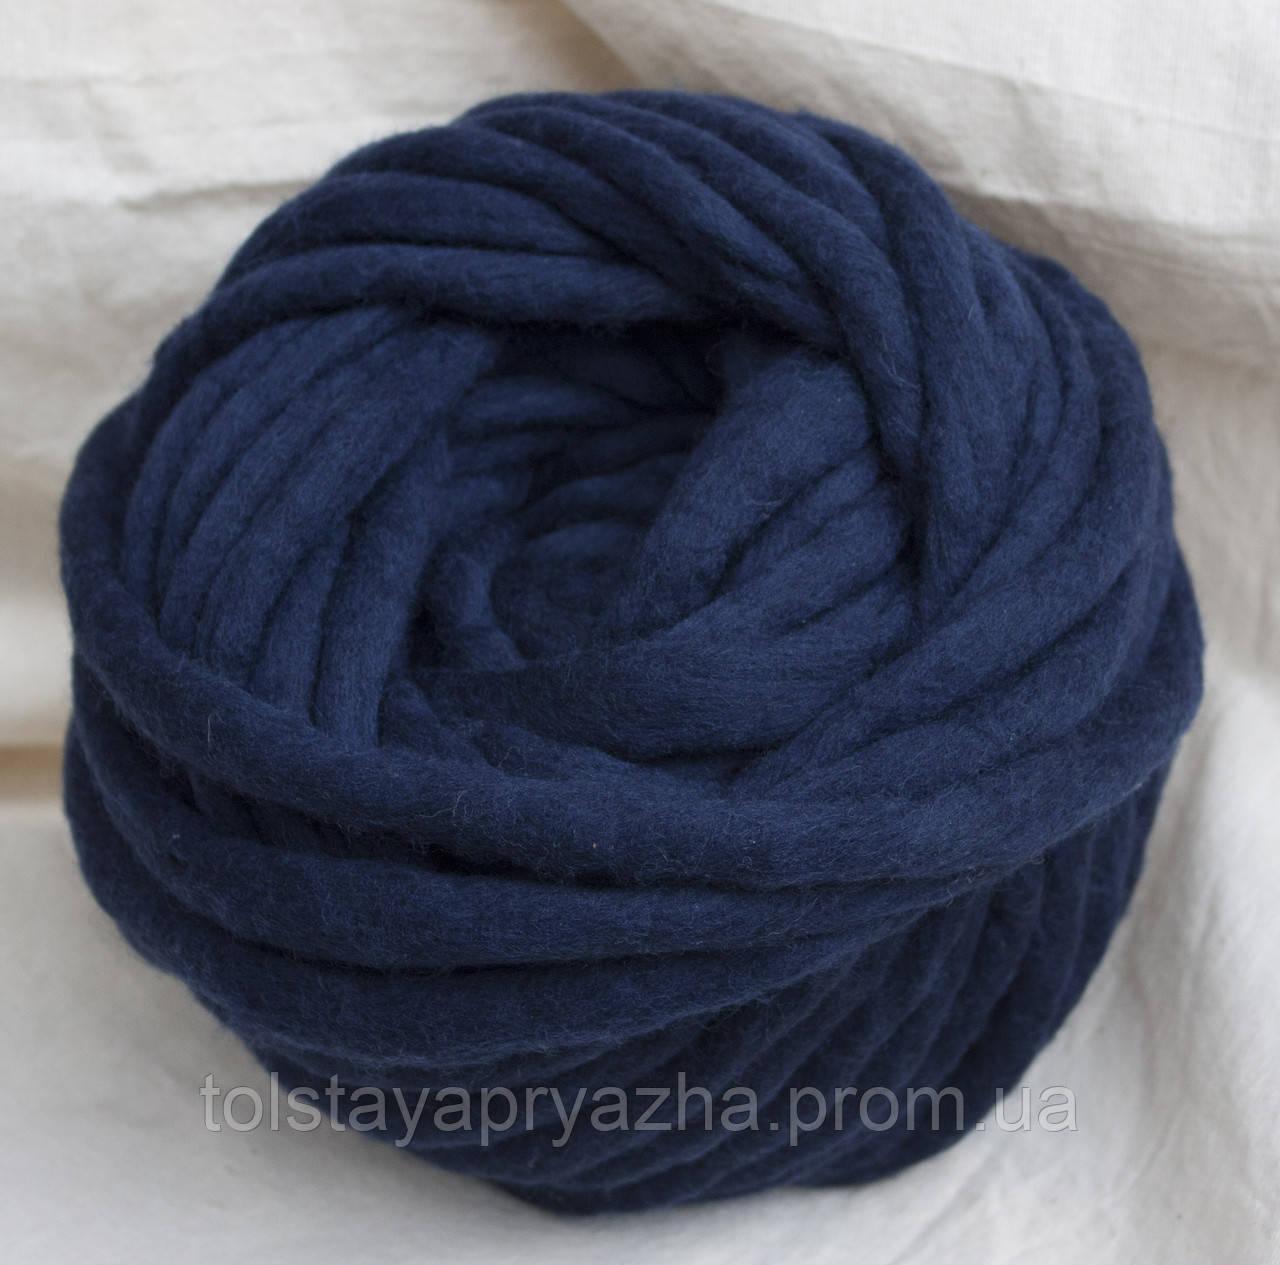 Толстая пряжа ручного прядения Elina Tolina, 100% шерсть (обработана) темно-синий